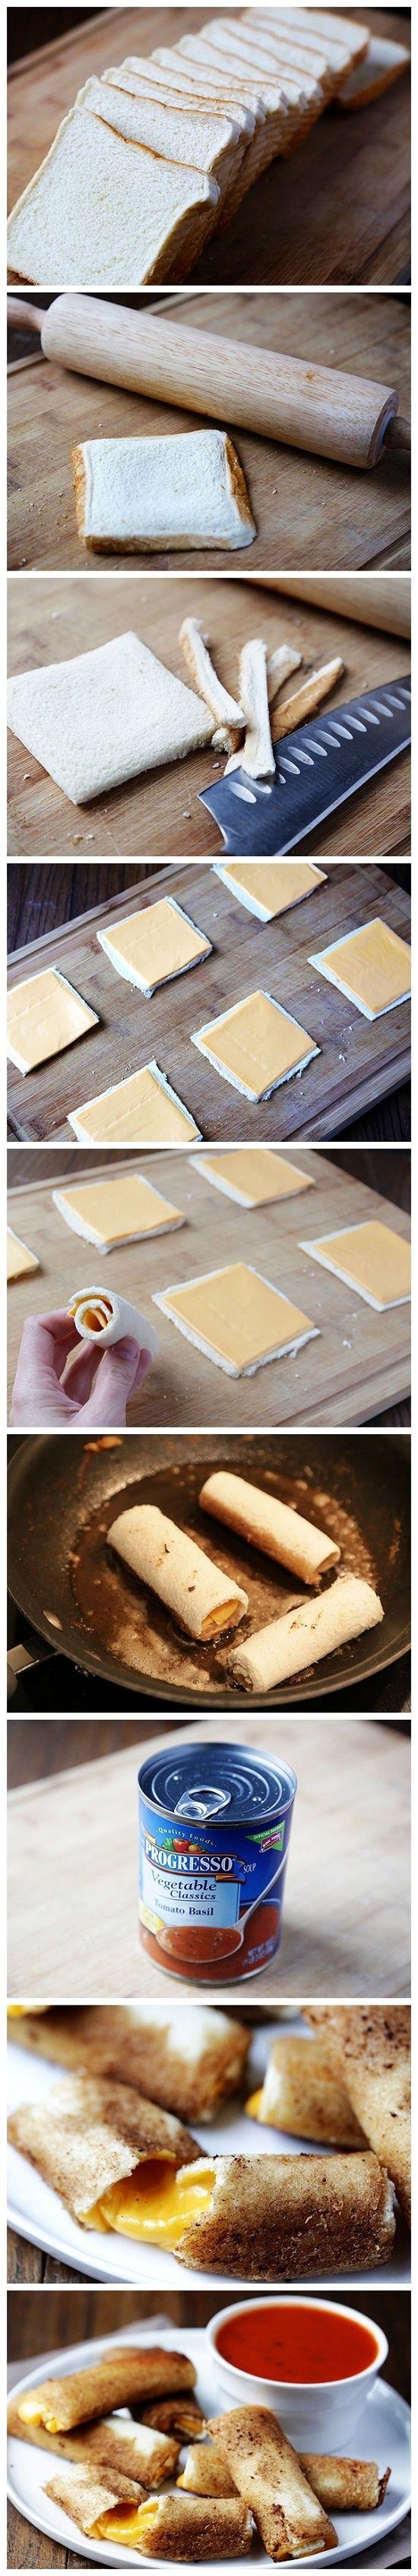 Delicioso pão de forma com queijo, frito na manteiga